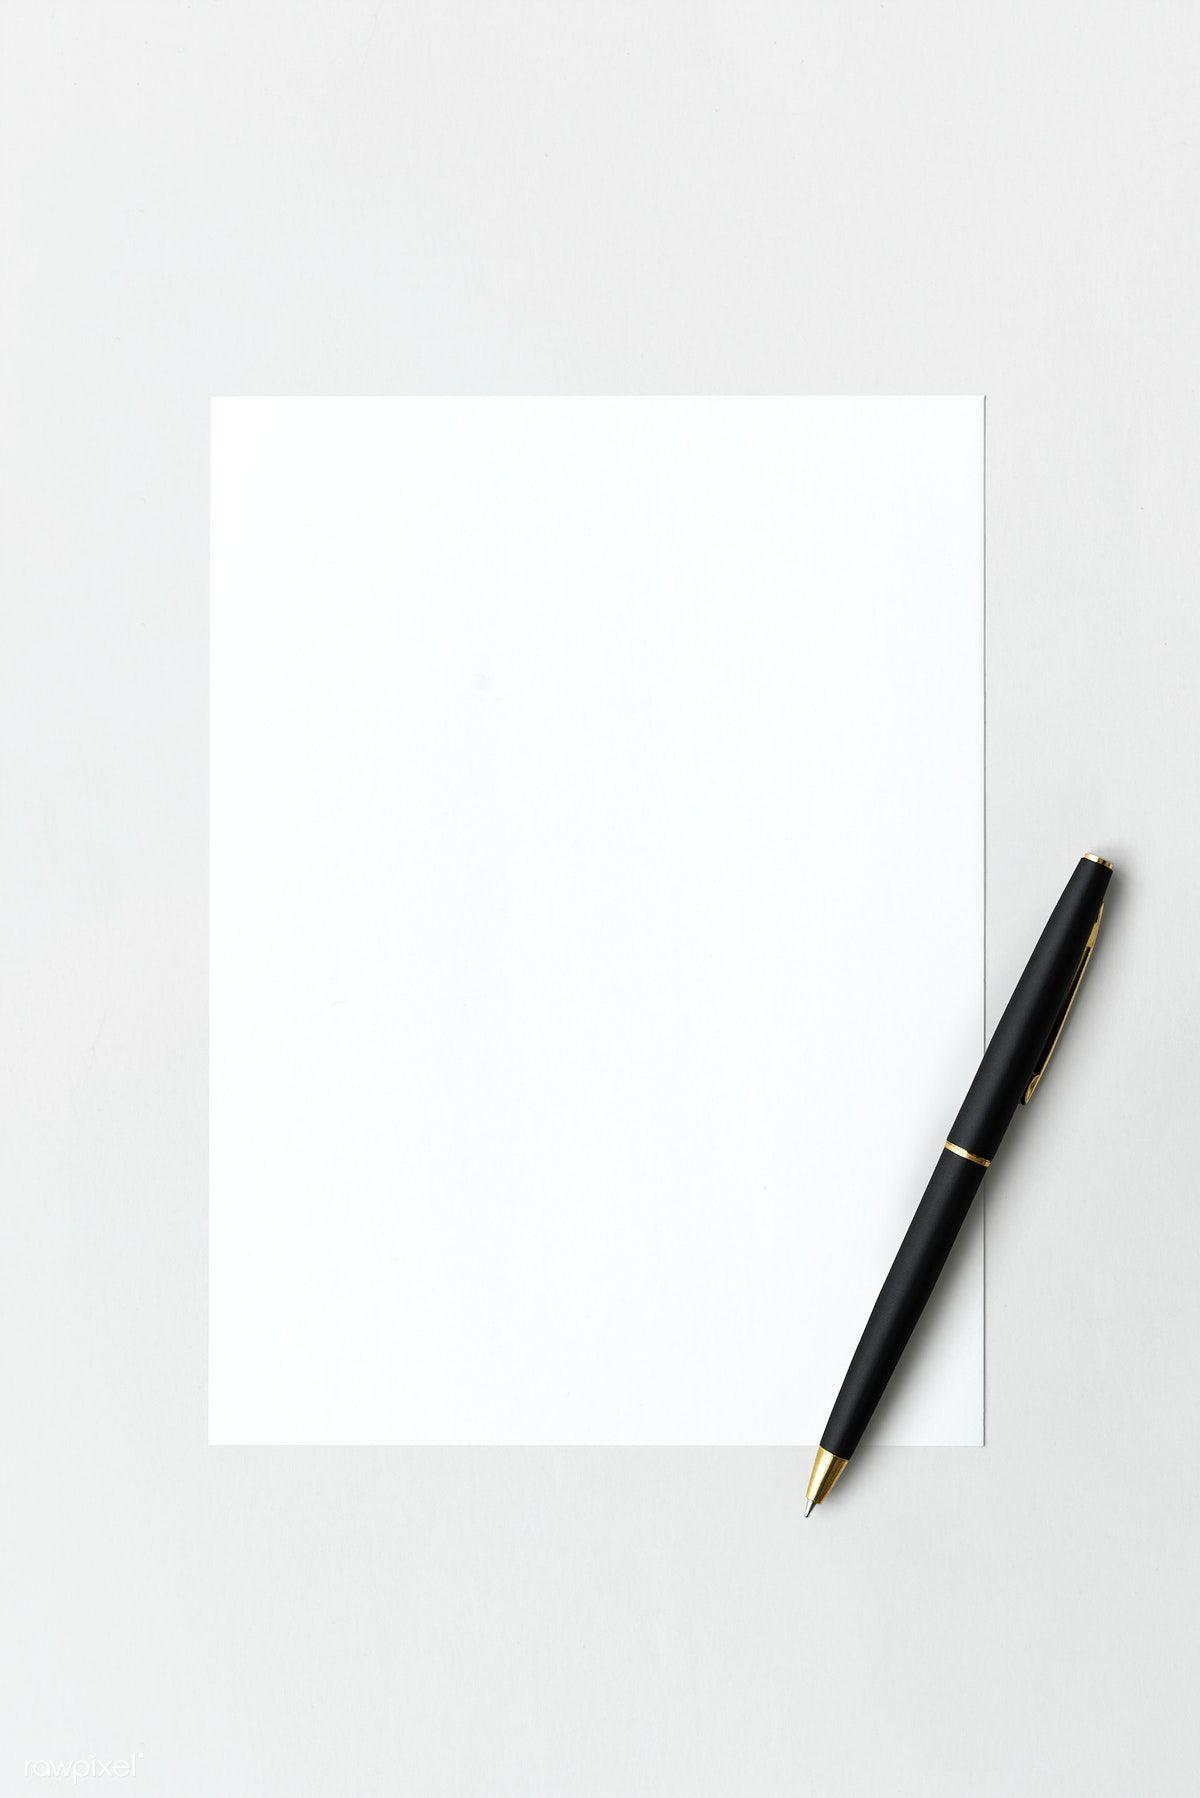 Download Premium Psd Of Blank White Paper With Black Pen 1202057 Goroshek Fon Vdohnovlyayushie Shrifty Instagram